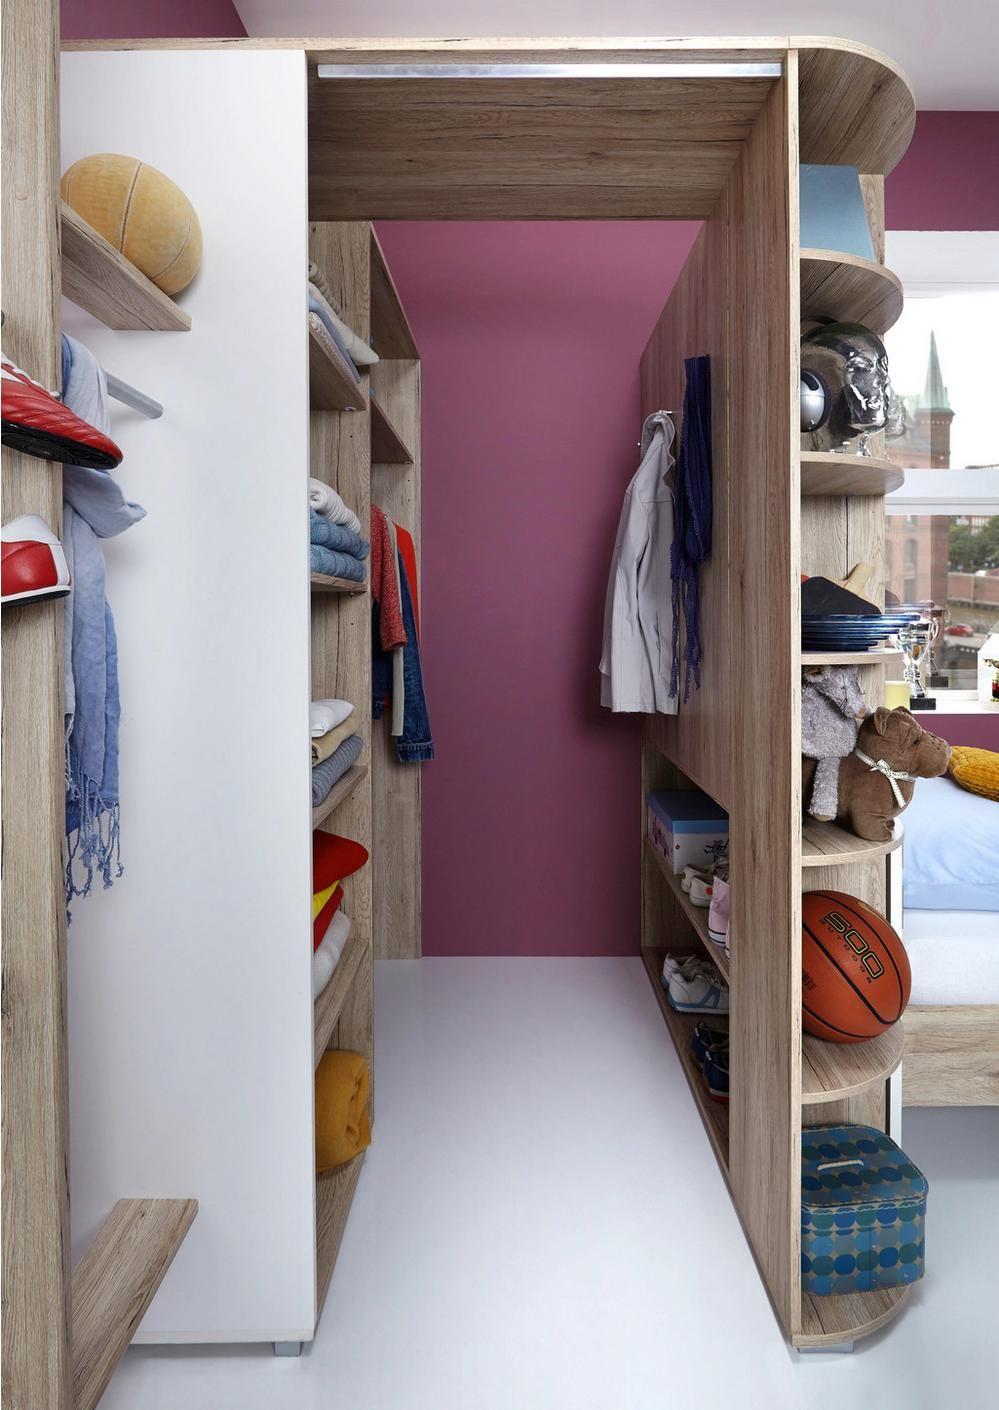 Full Size of Eckkleiderschrank Kinderzimmer Begehbarer Kleiderschrank Mit Viel Stauraum Regal Weiß Sofa Regale Kinderzimmer Eckkleiderschrank Kinderzimmer